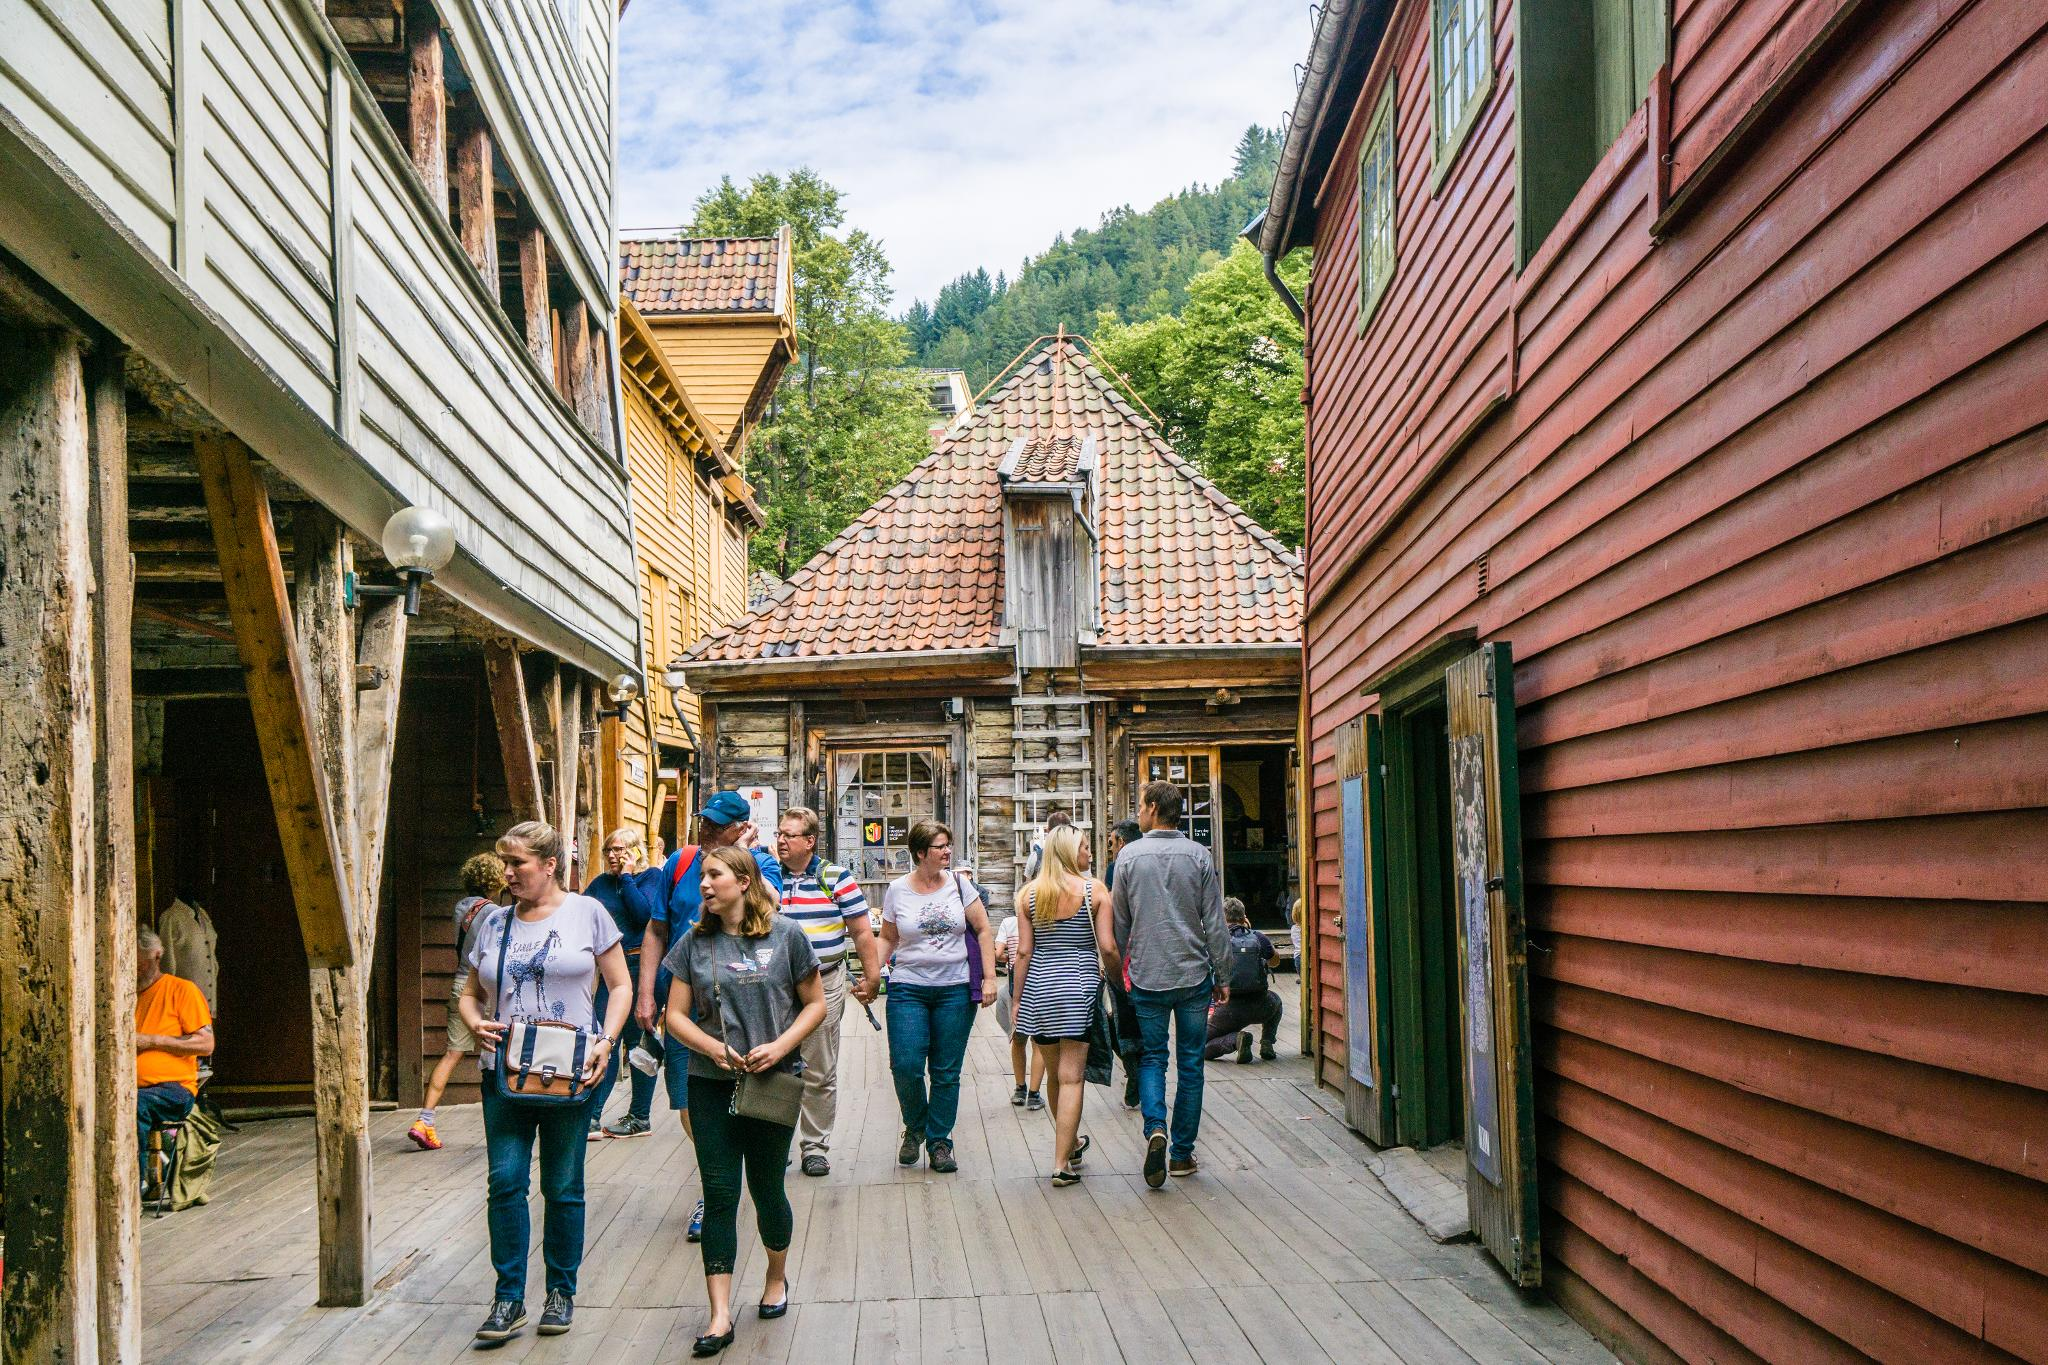 【卑爾根】Bryggen 世界遺產布呂根 — 迷失在百年歷史的挪威彩色木屋 26